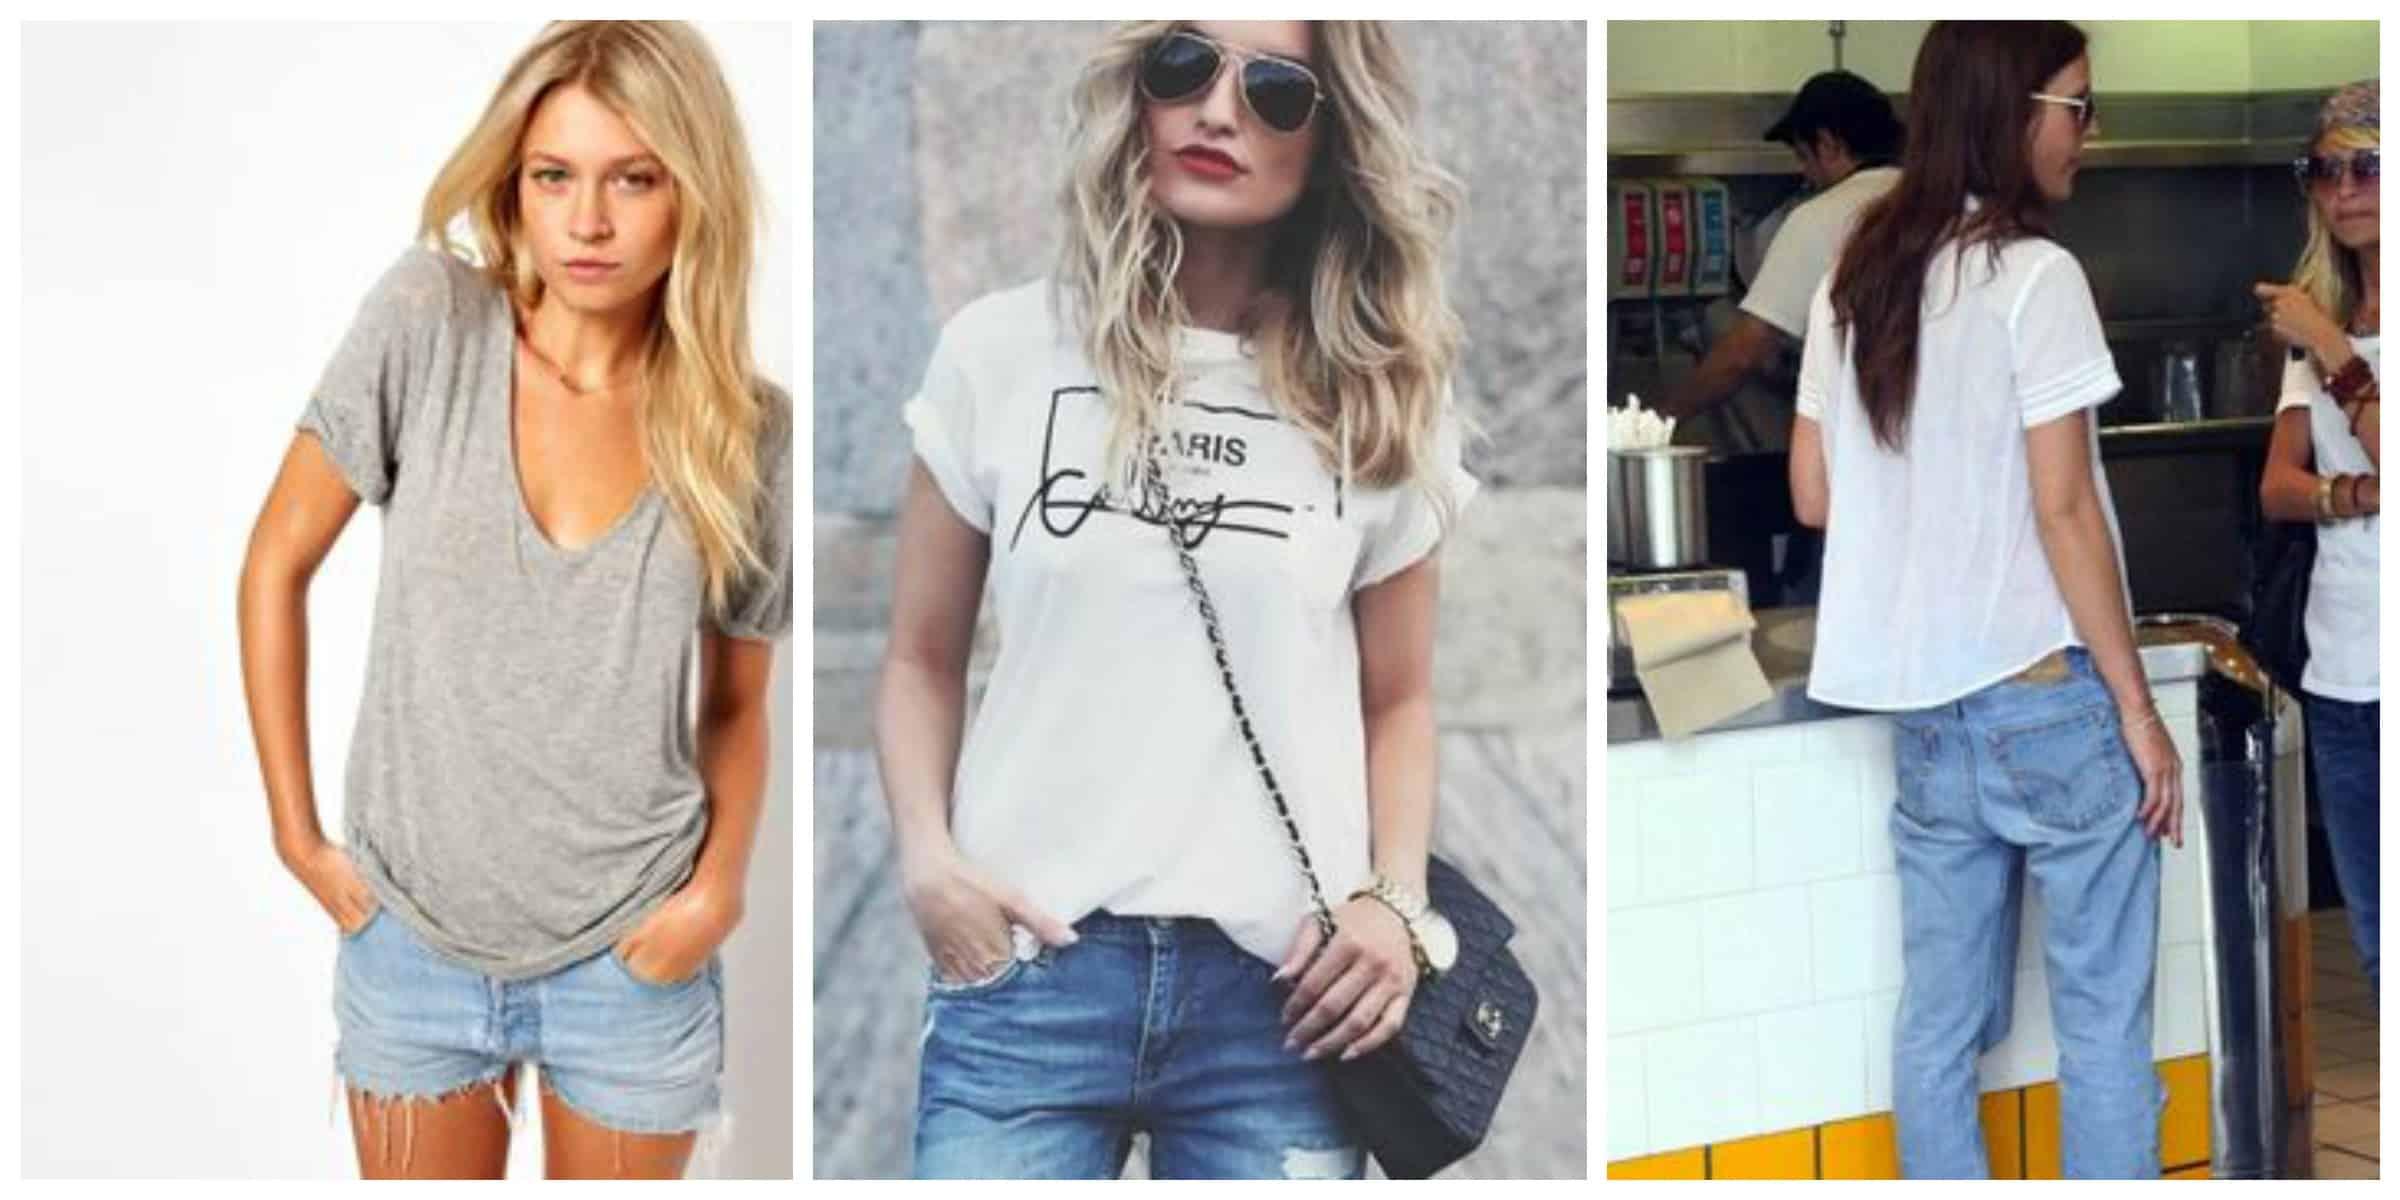 bc6f2e54 Boyfriend T-Shirts. 6 Ways to Make them Look Chic | Fashion Tag Blog